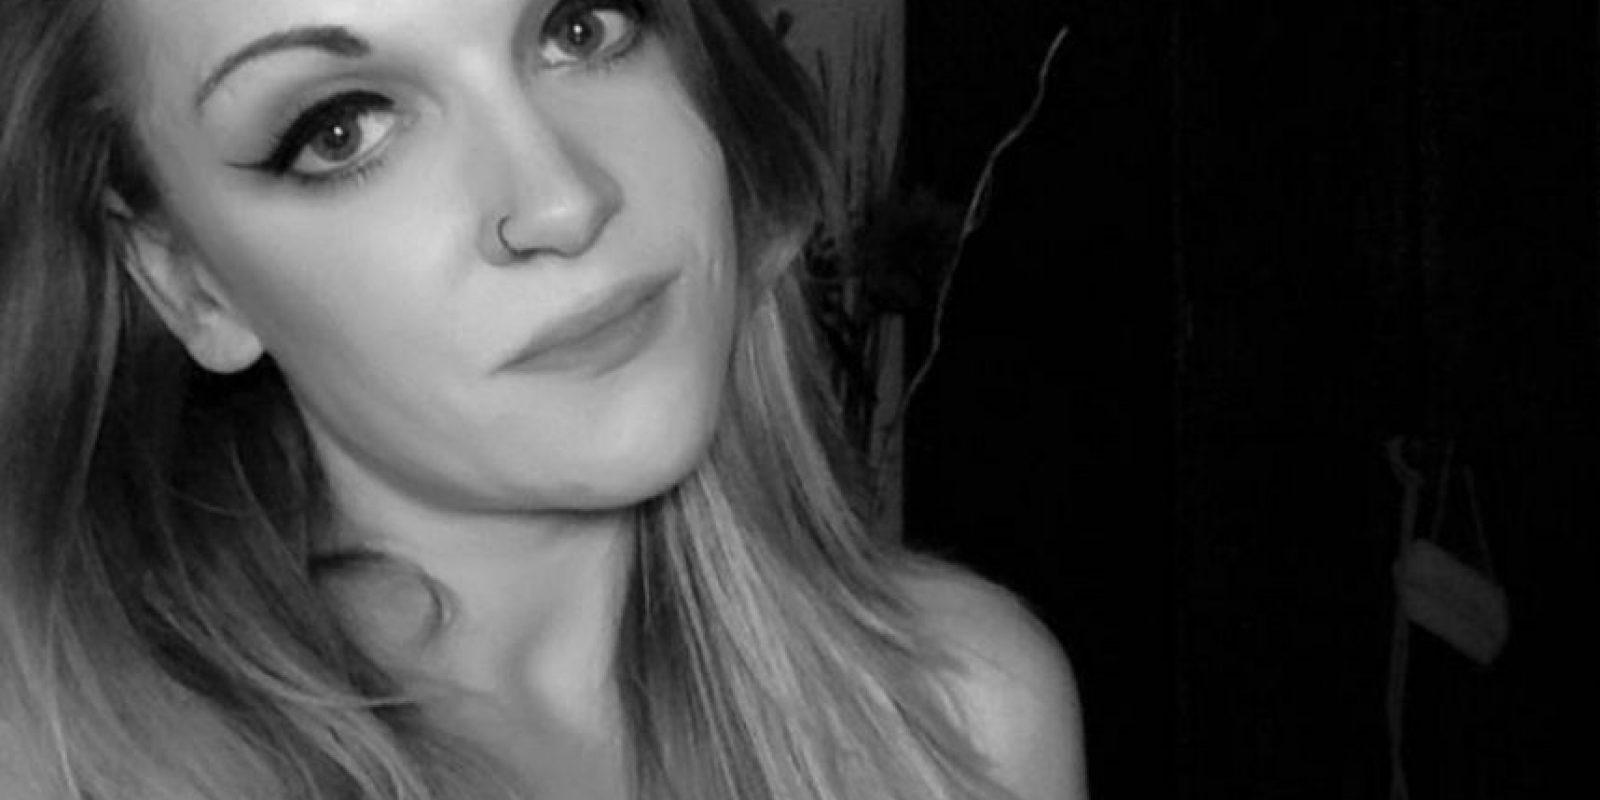 Estas es una foto del perfil de la mujer Foto:facebook.com/jemmaroid